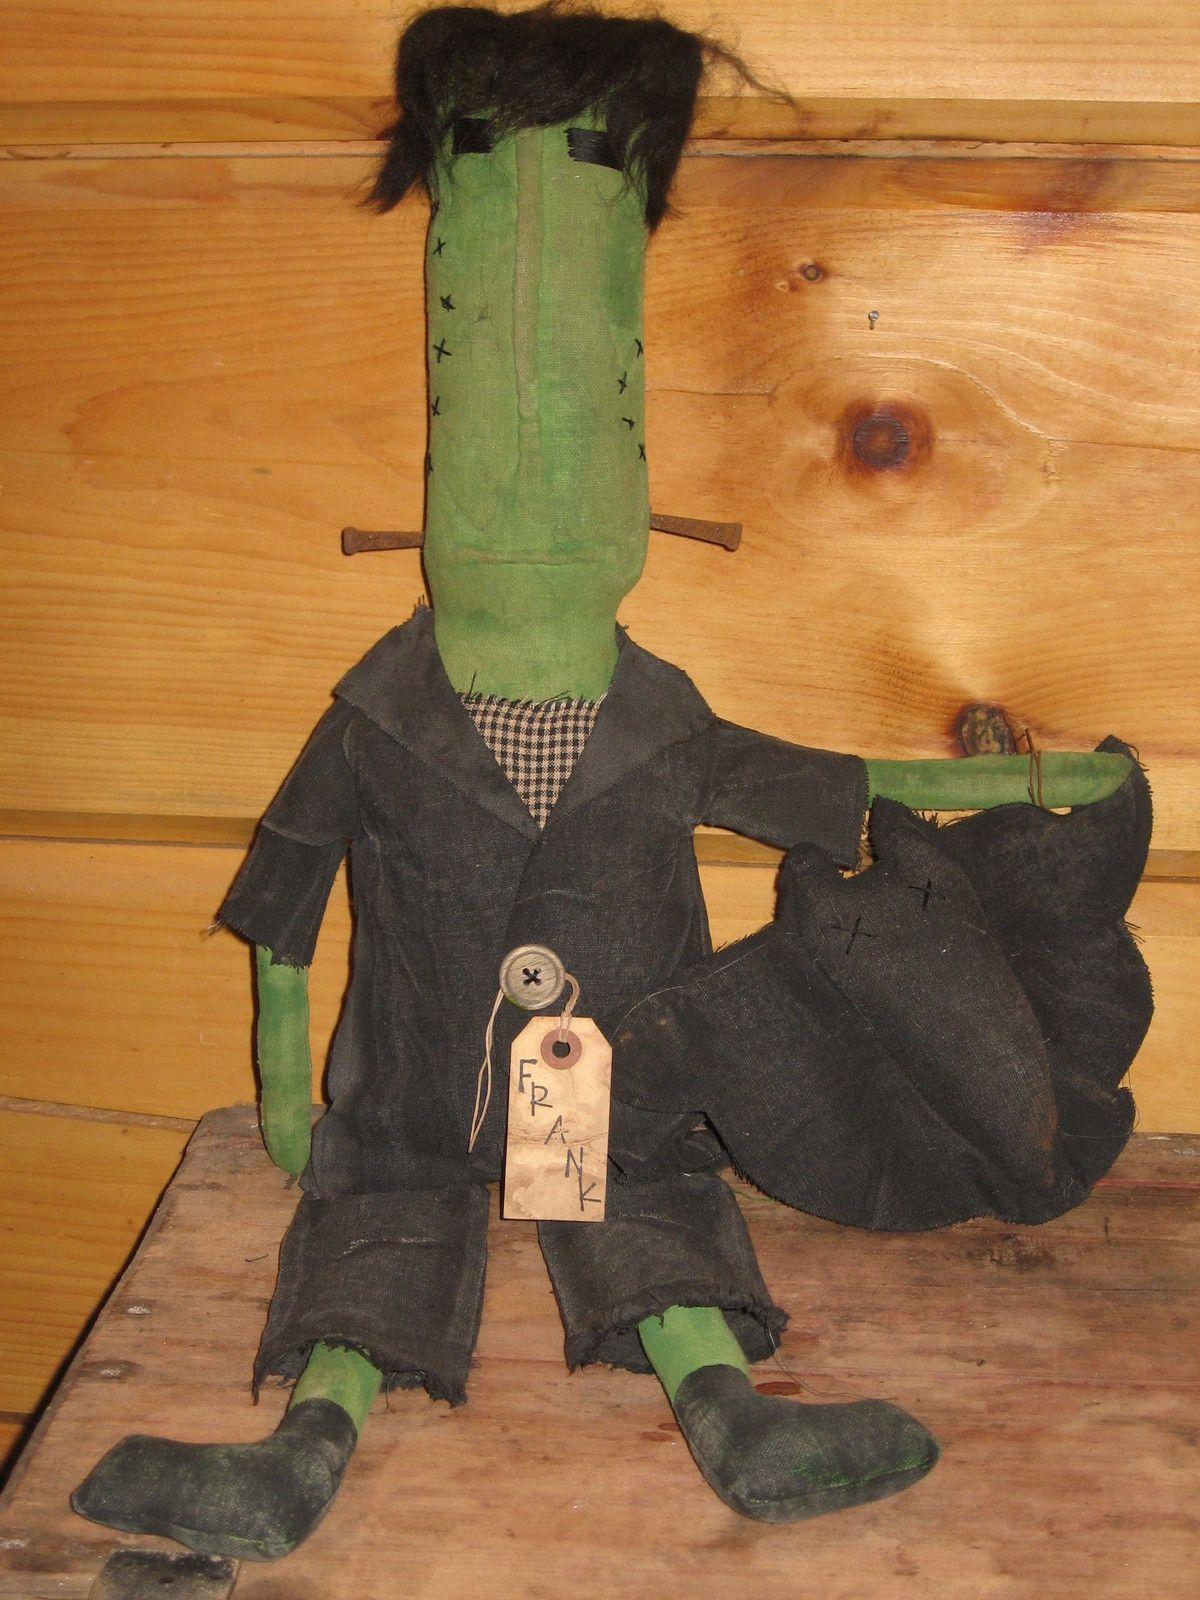 primitive olde folk art halloween frankenstein doll door greeter bat sitter ooak ebay